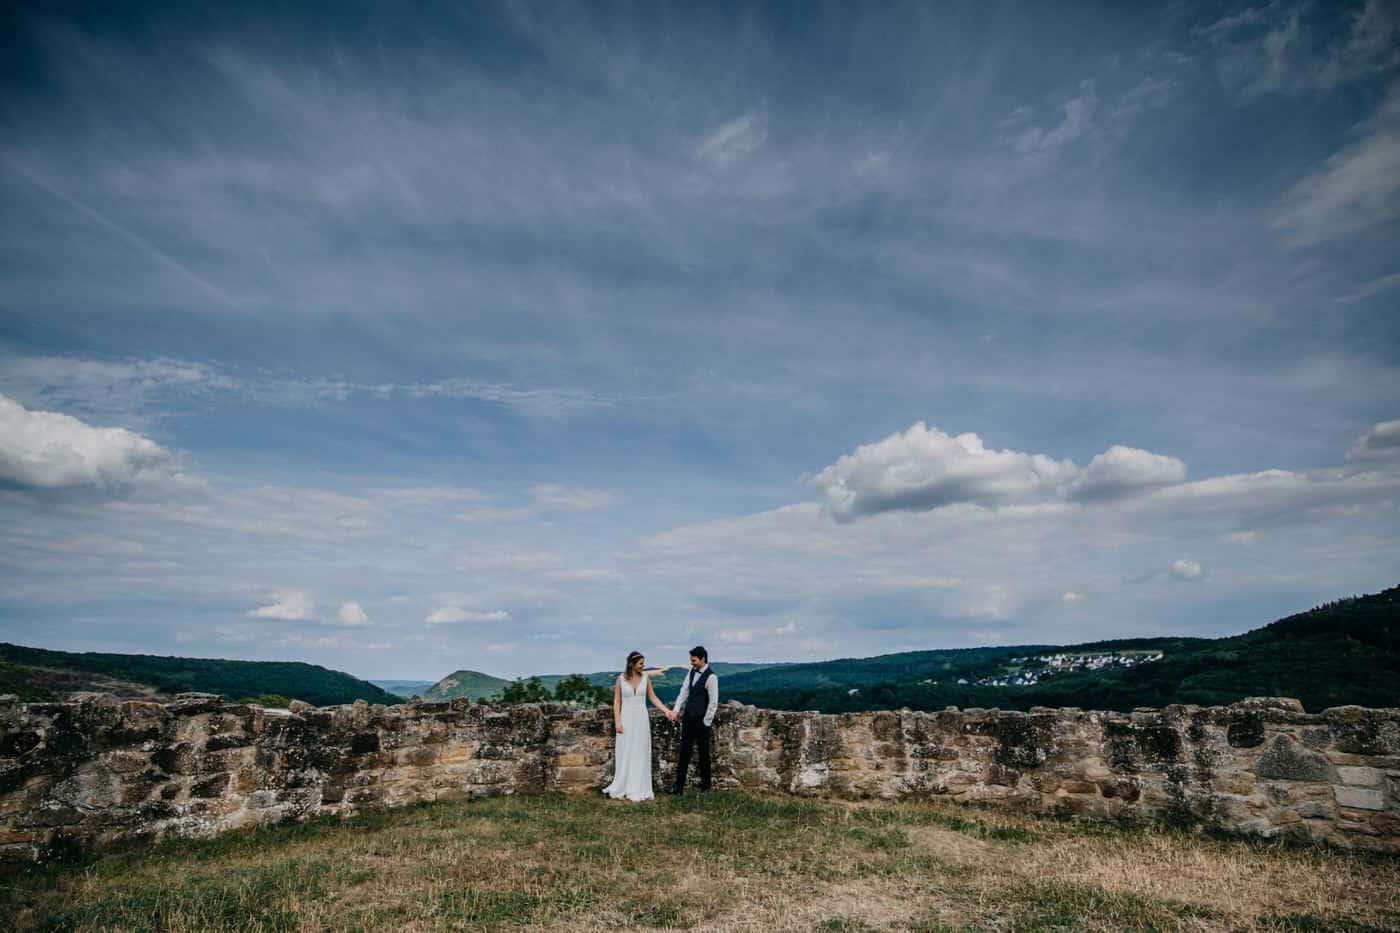 Hochzeitsfotograf im Saarland und der Pfalz - Brautpaarshooting standesamtliche Hochzeit auf der Kyrburg